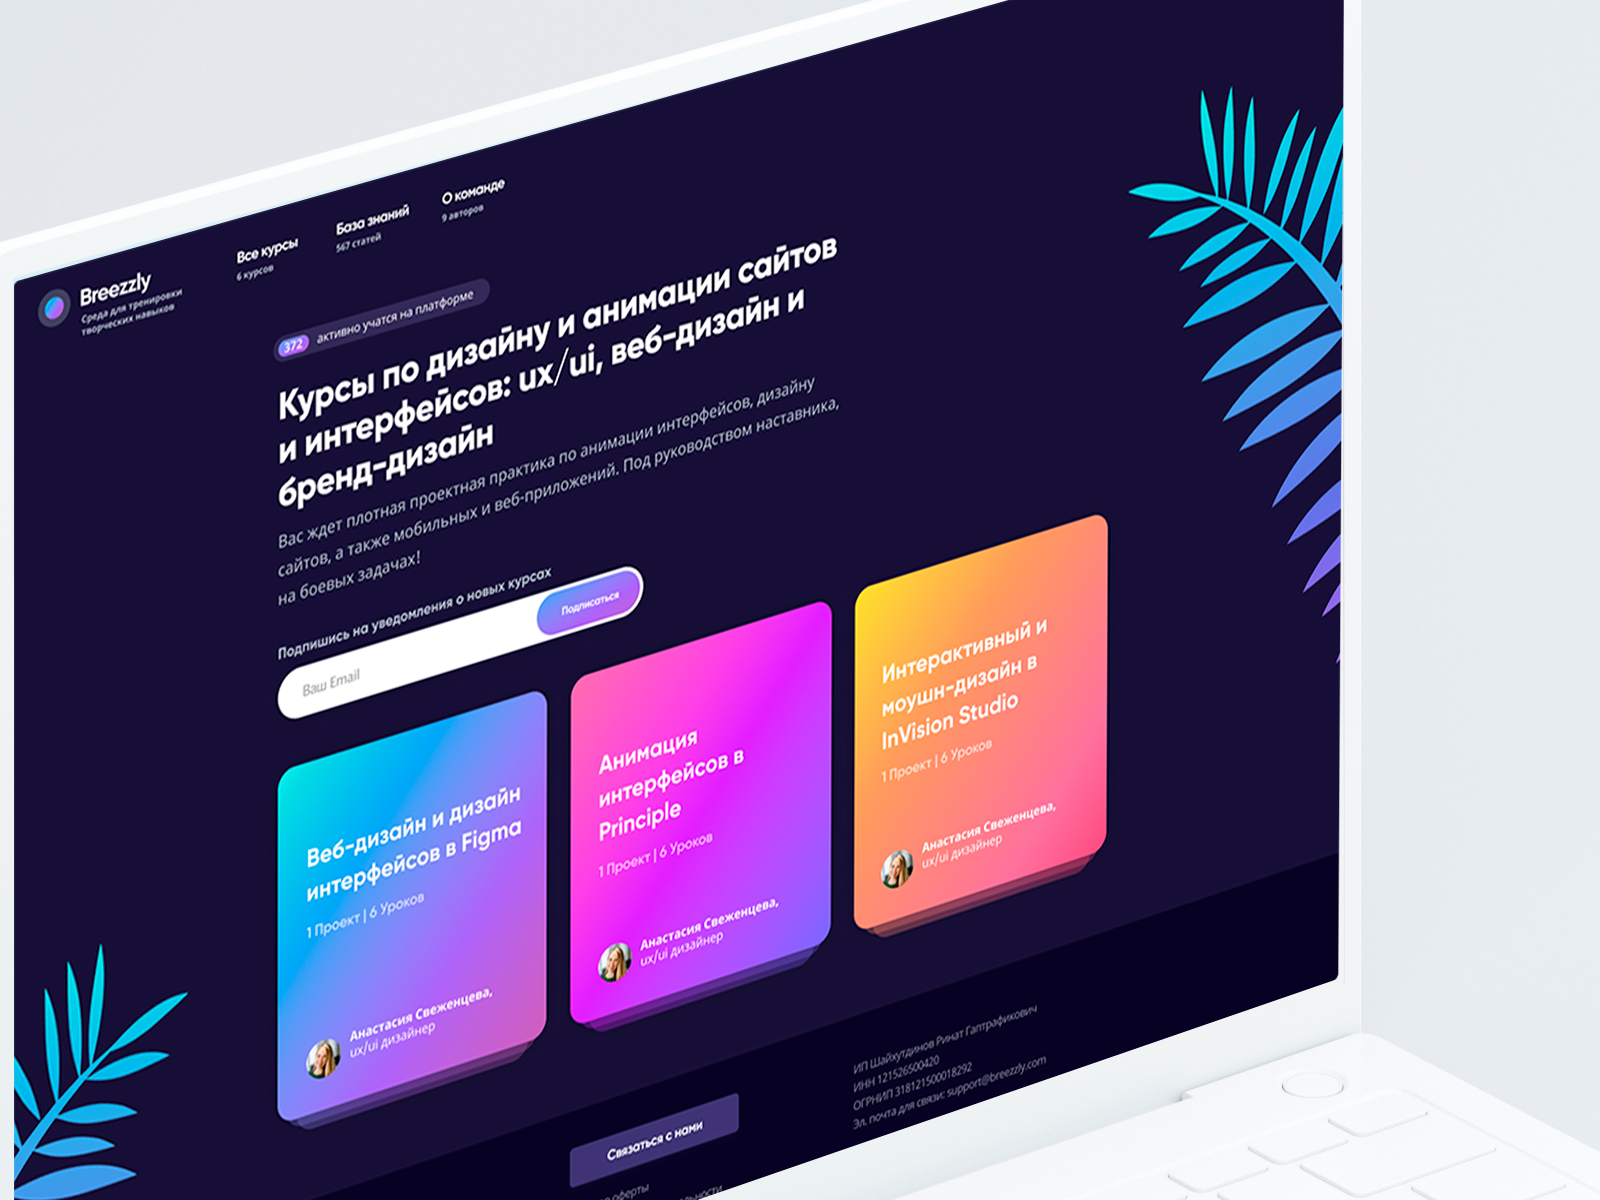 Breezzly – практика по дизайну и анимации сайтов и интерфейсов: ux/ui, веб-дизайн и бренд-дизайн